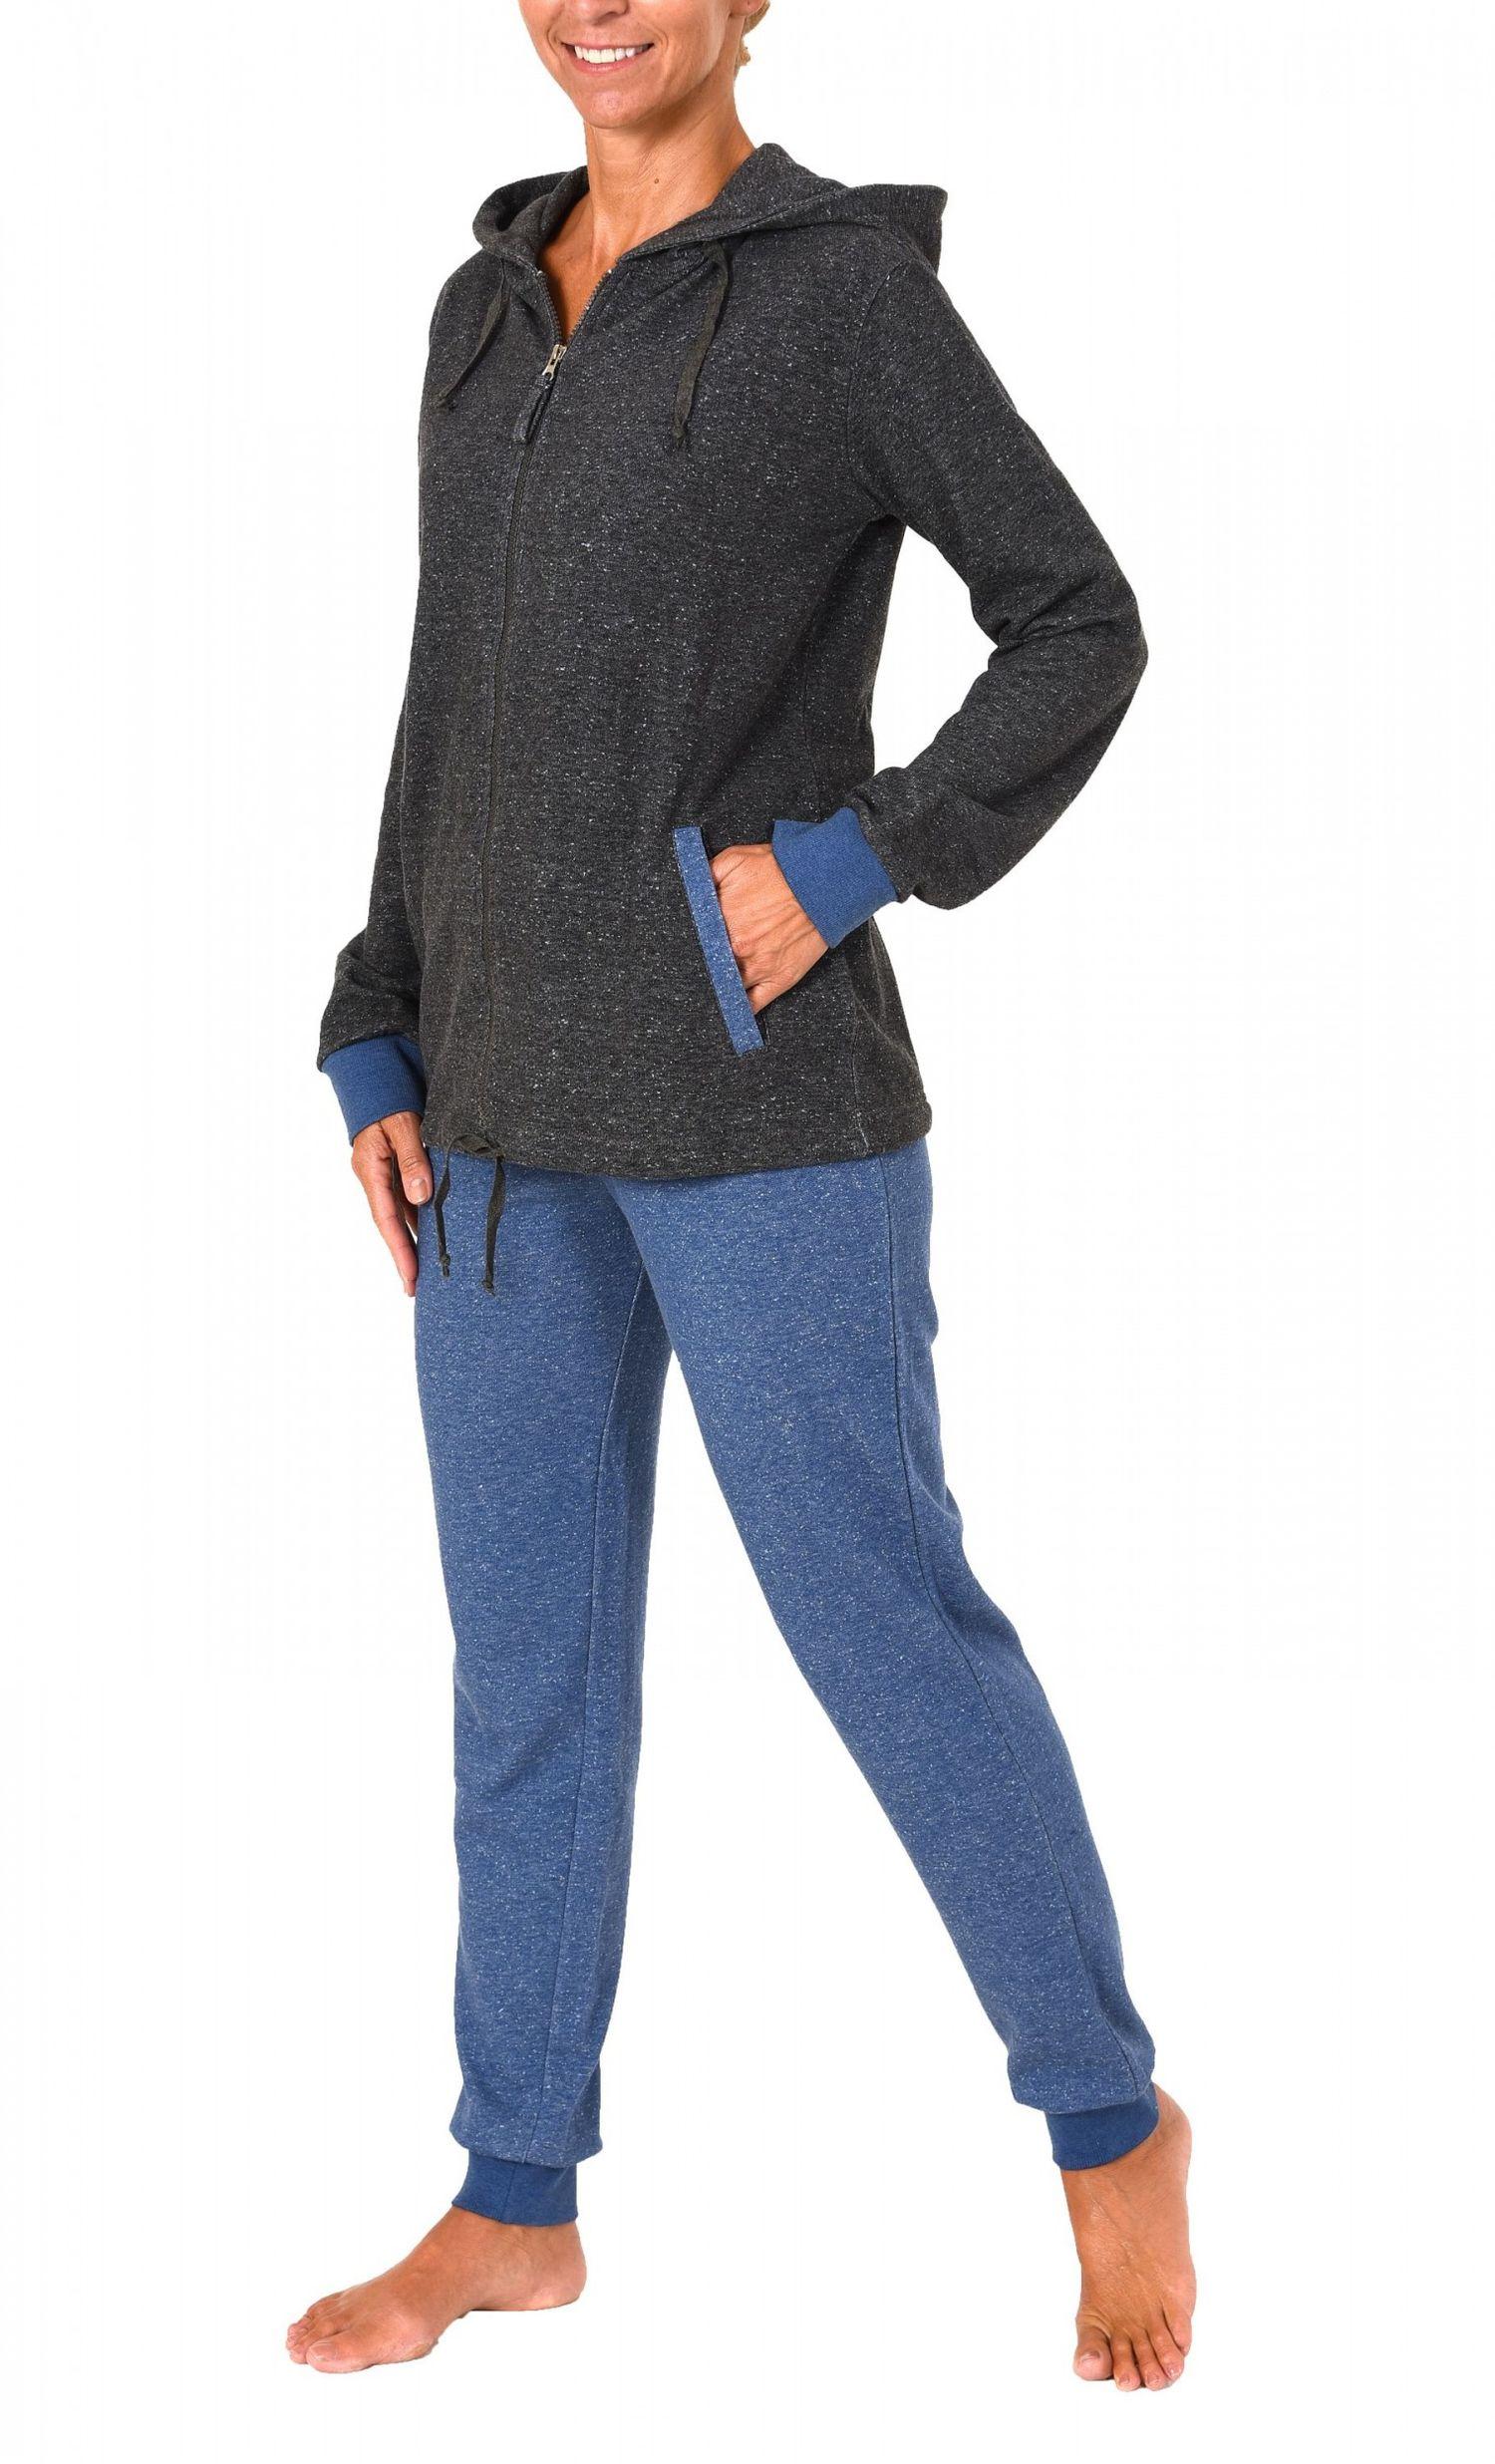 Chilliger Damen French Terry Hausanzug Homewear – auch in Übergrössen – 271 216 99 444 – Bild 3